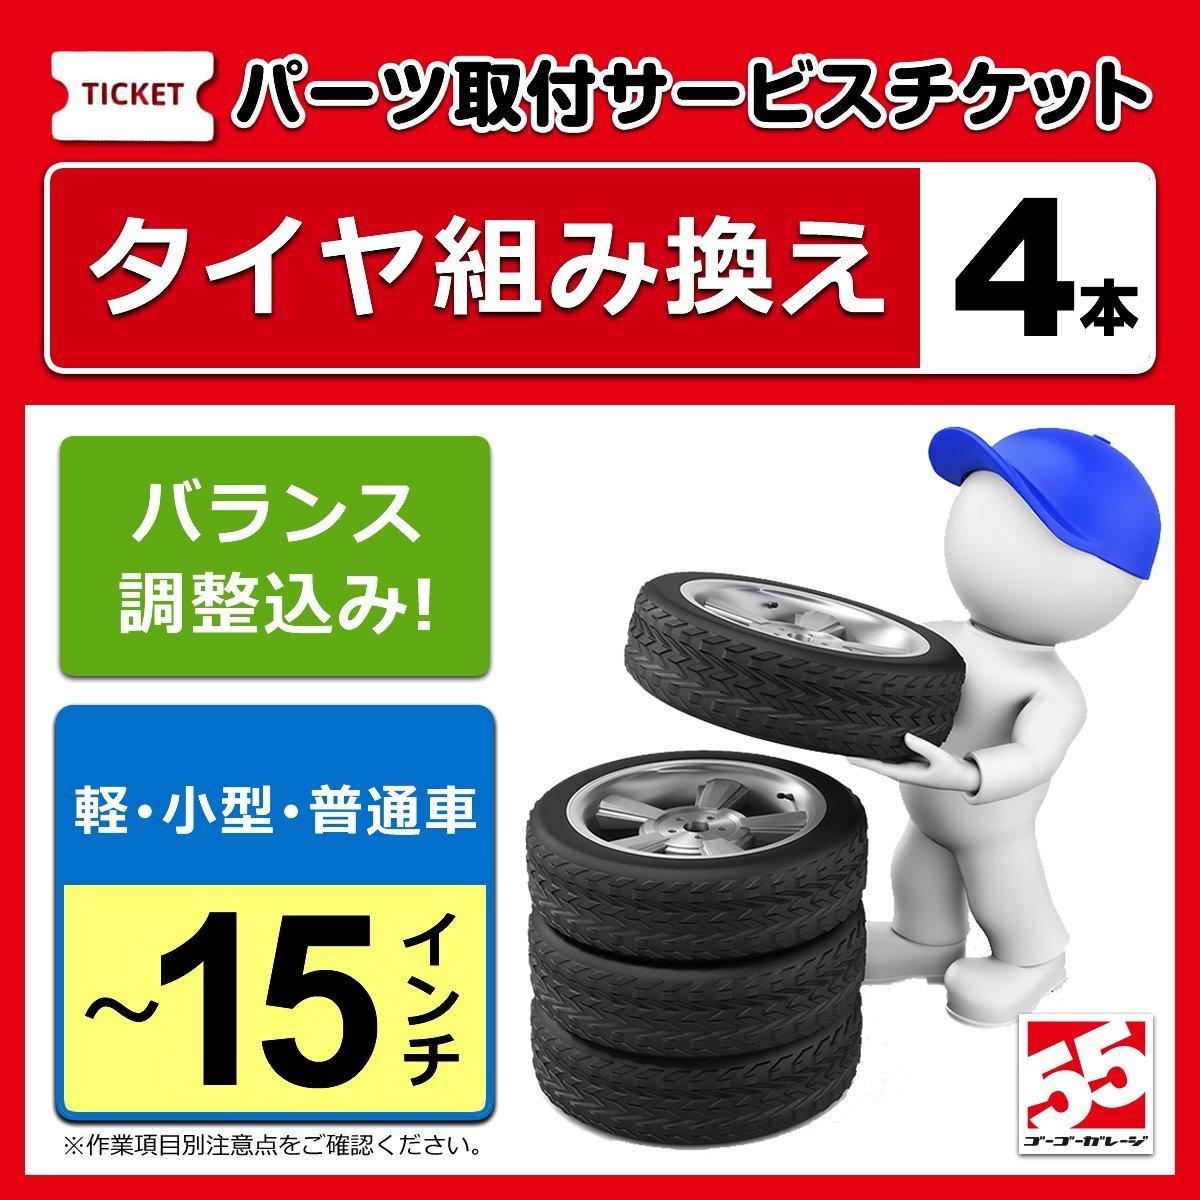 タイヤ交換、バランス調整(小型普通車)17インチ-4本 B06XW98RM7 17インチ-4本(小型普通車) 17インチ-4本(小型普通車)